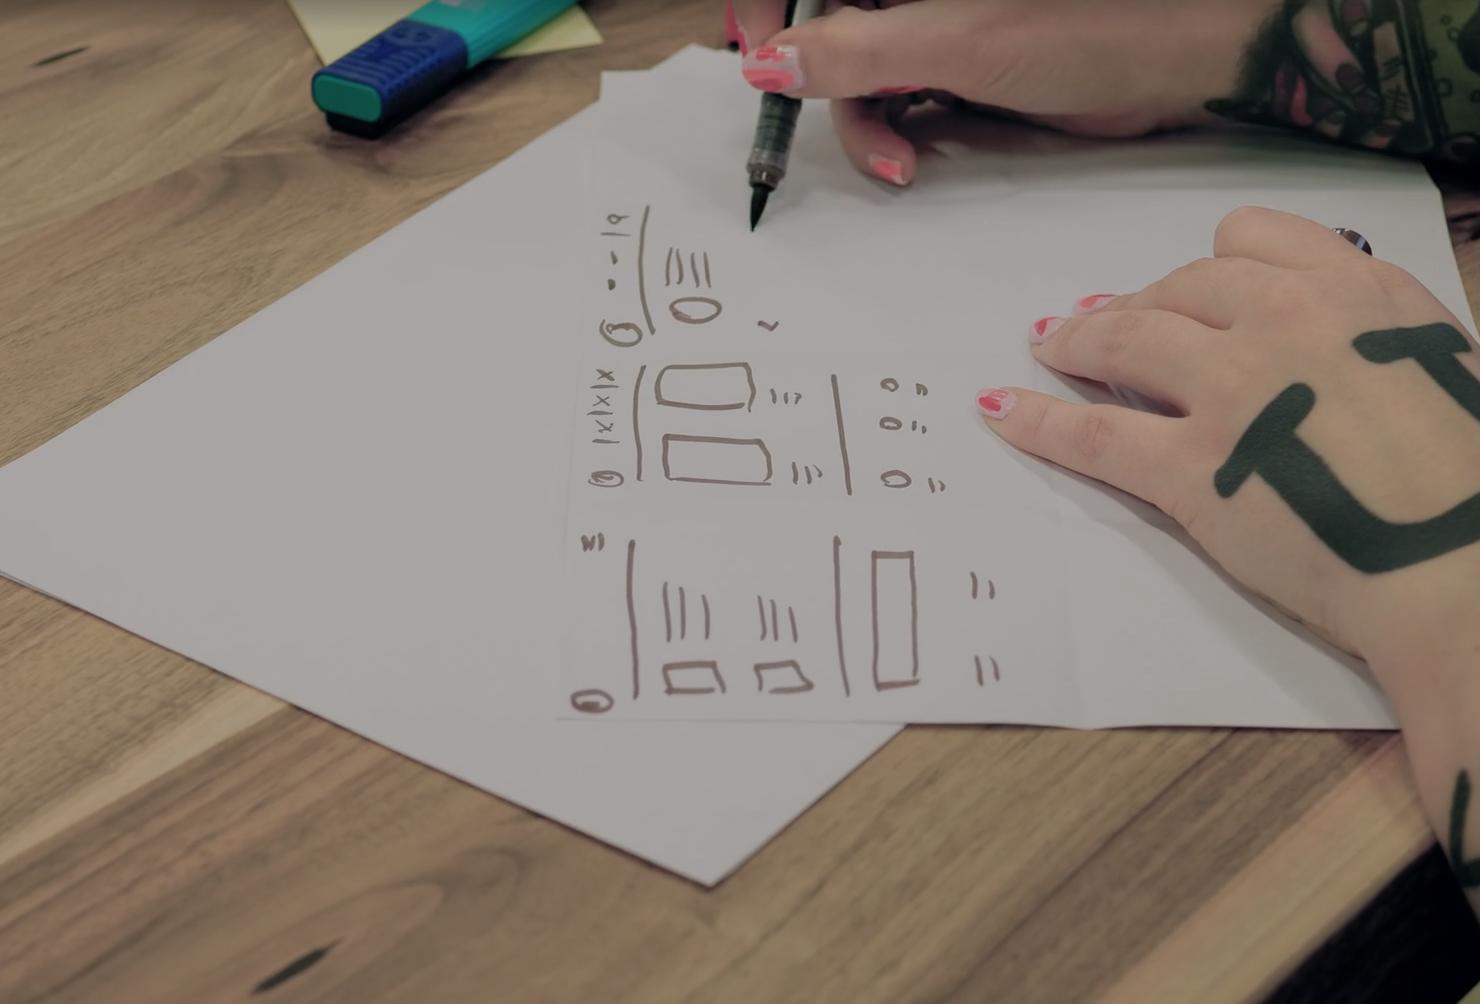 szkicowanie na kartce kilku elementów interfejsu przy użyciu markera